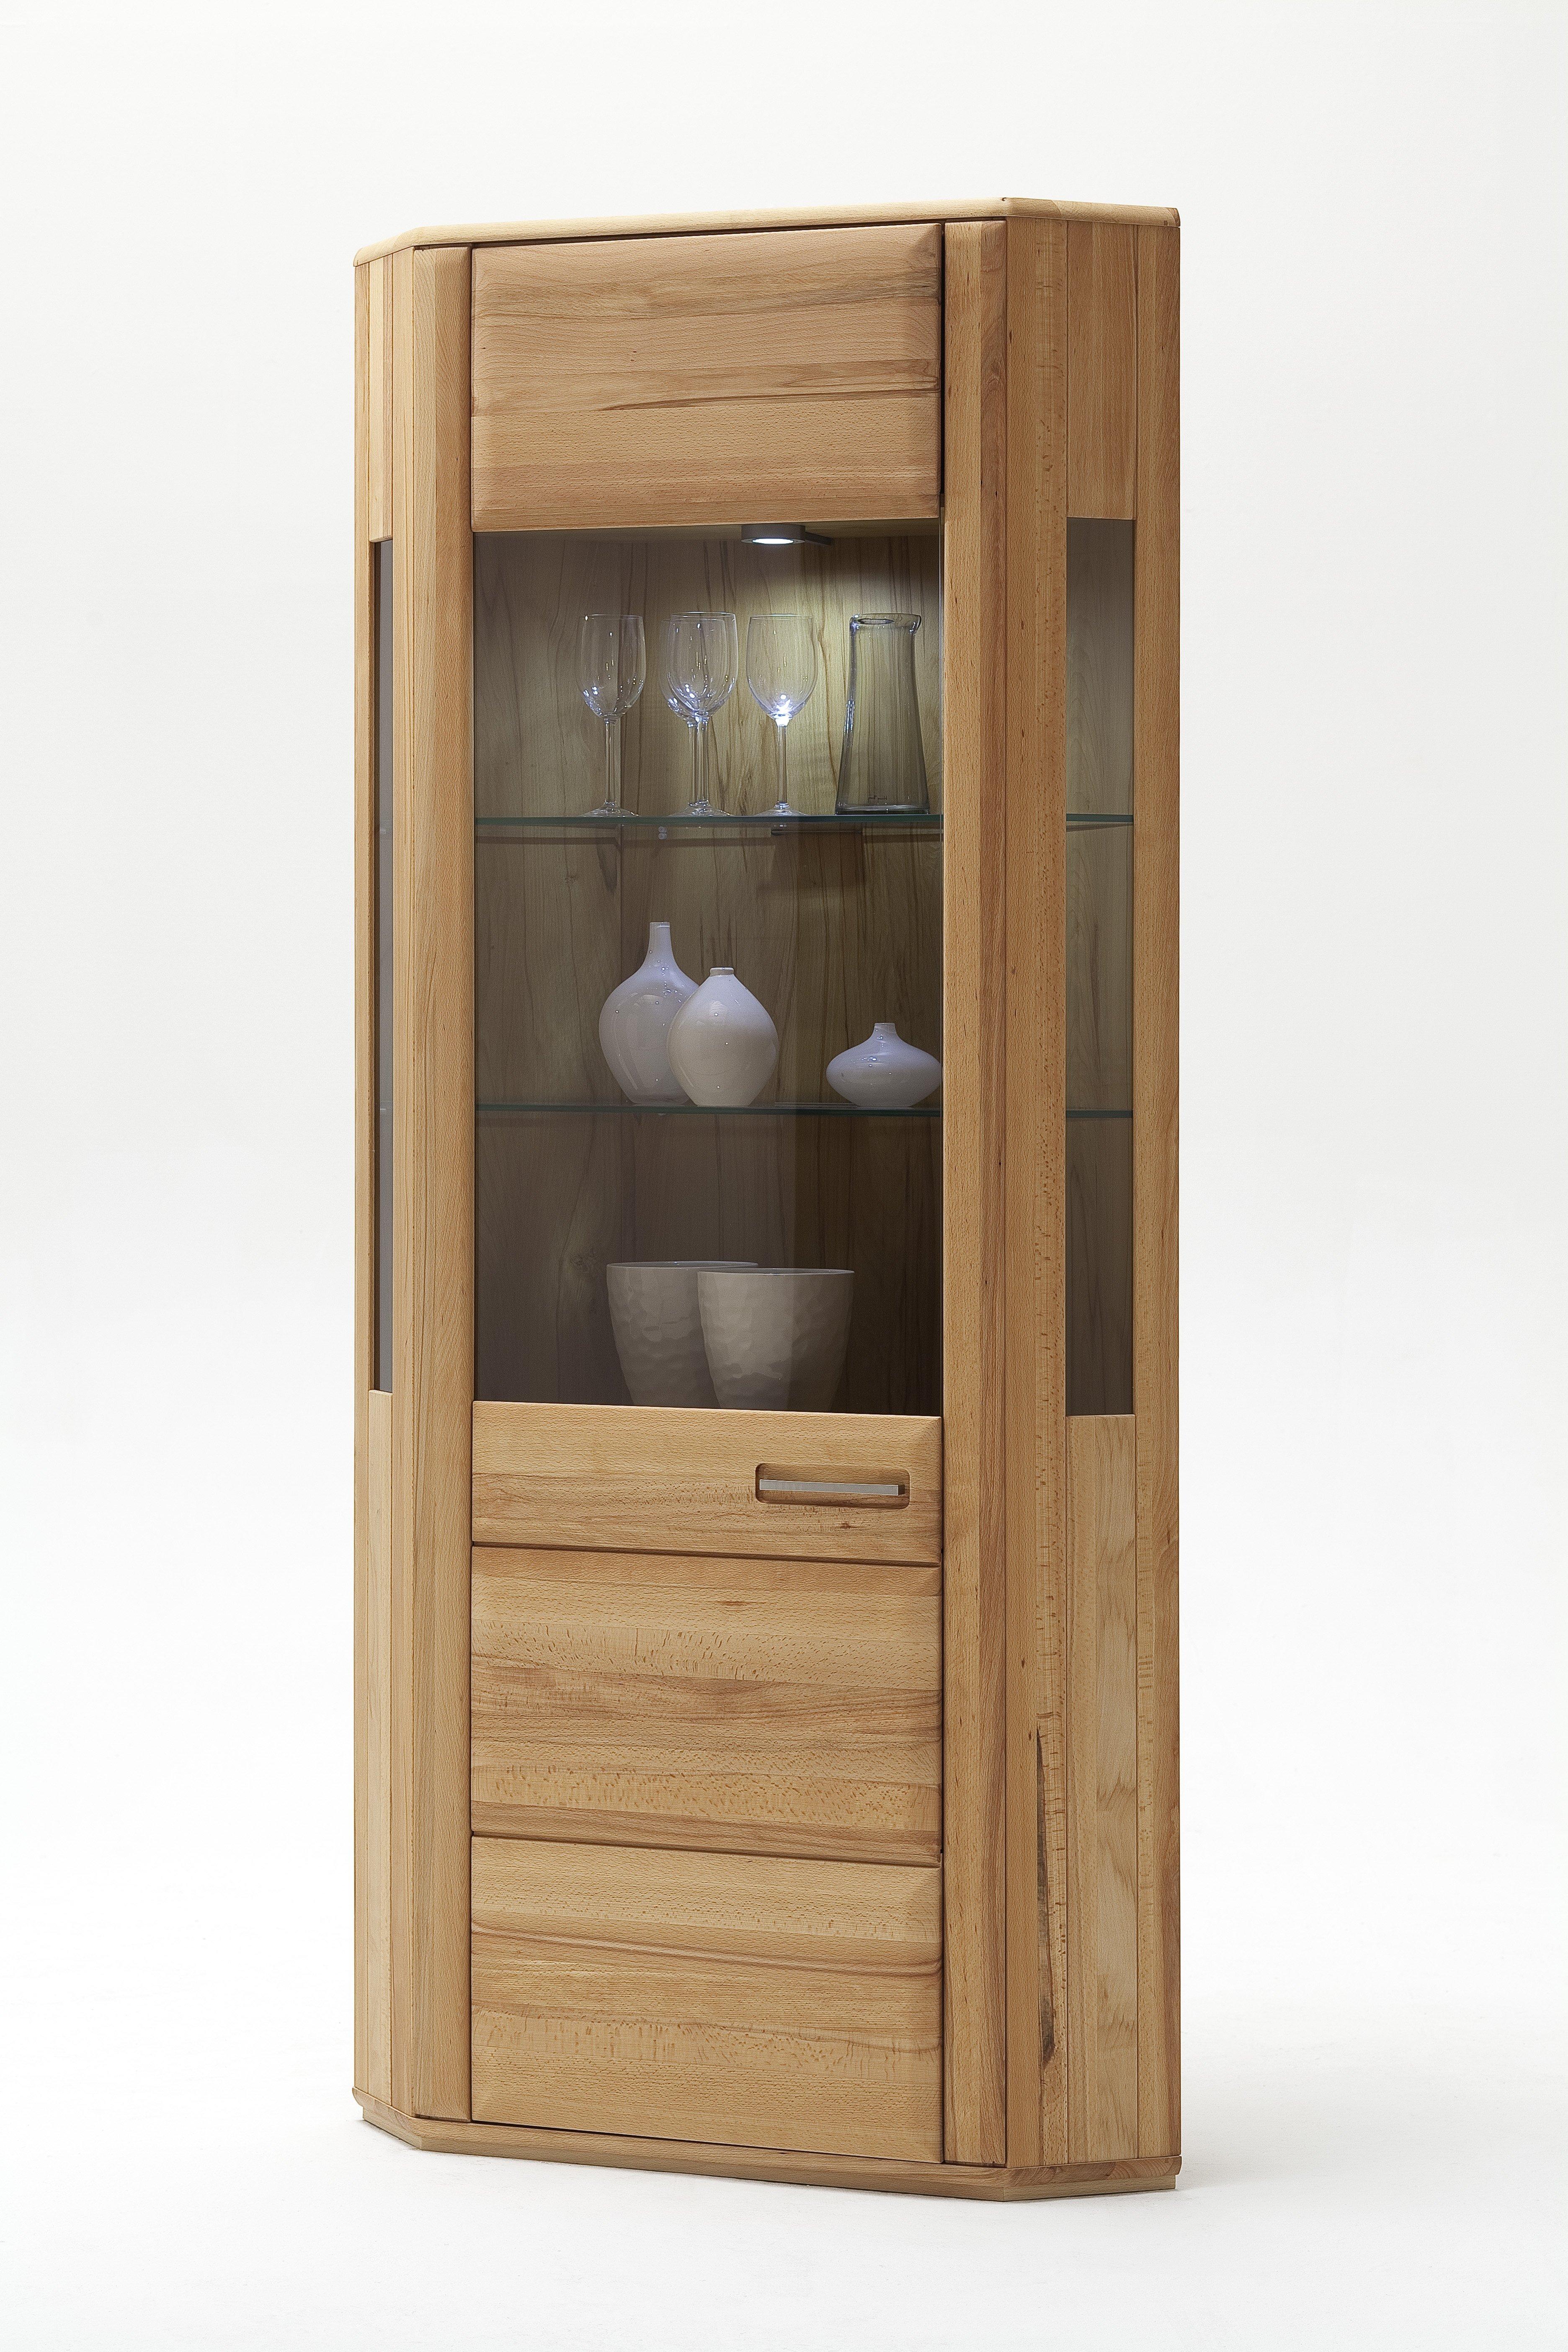 Eck- Vitrine Sena T16 von MCA furniture